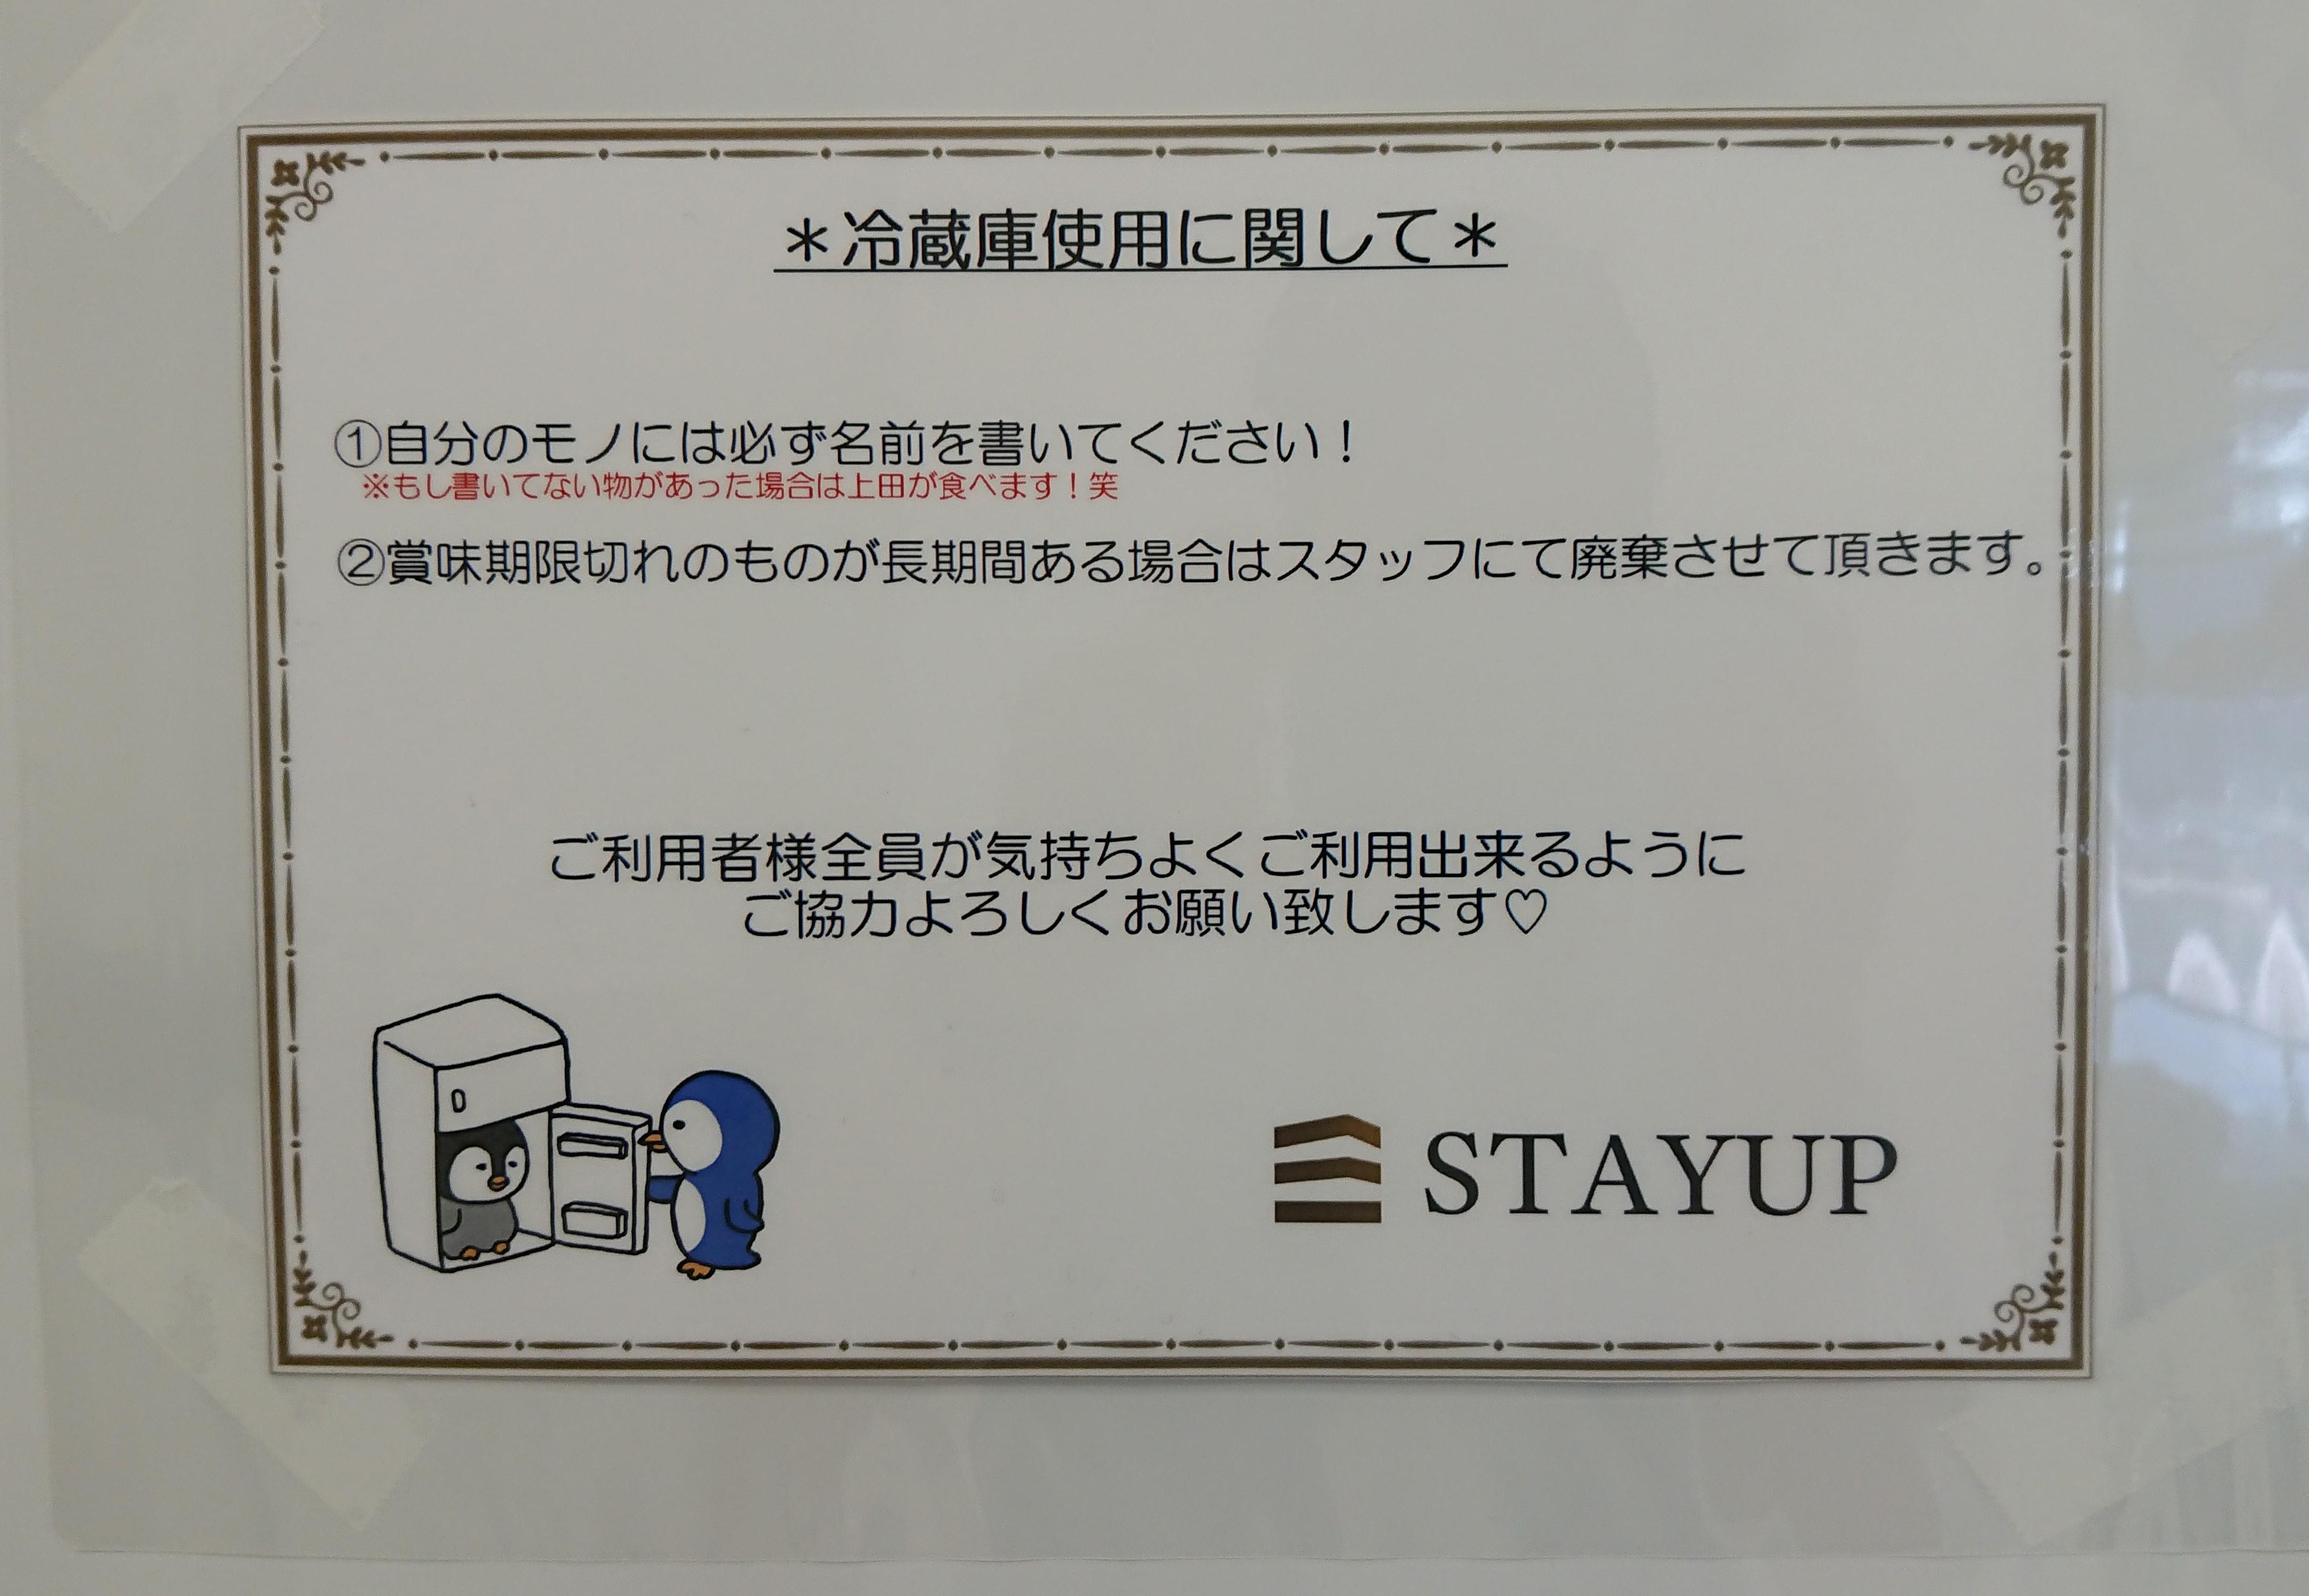 冷蔵庫使用の注意